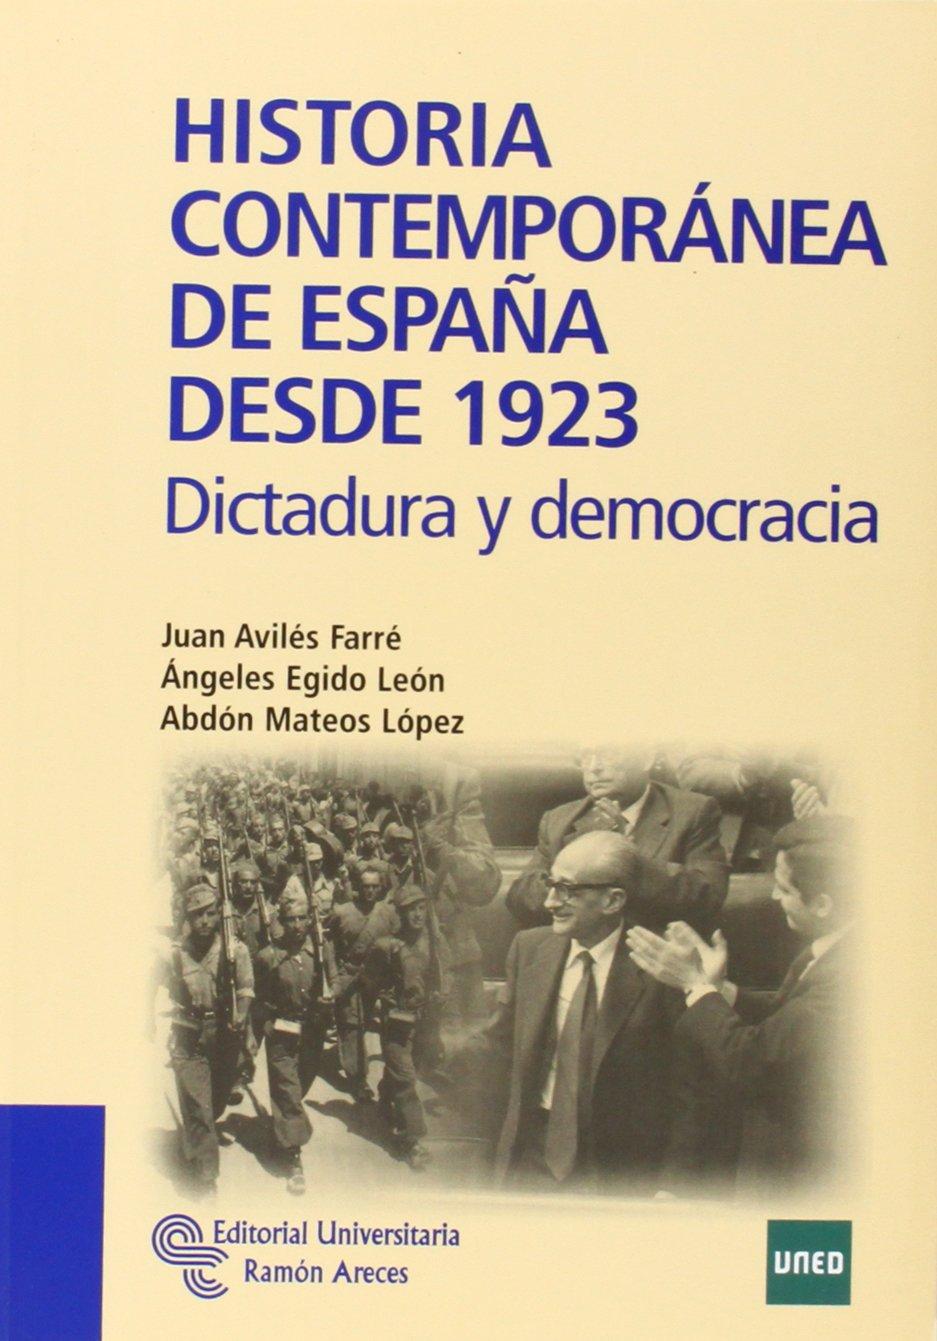 Historia Contemporánea de España desde 1923: Dictadura y democracia Manuales: Amazon.es: Avilés Farré, Juan, Egido León, María de los Ángeles, Mateos López, Abdón: Libros